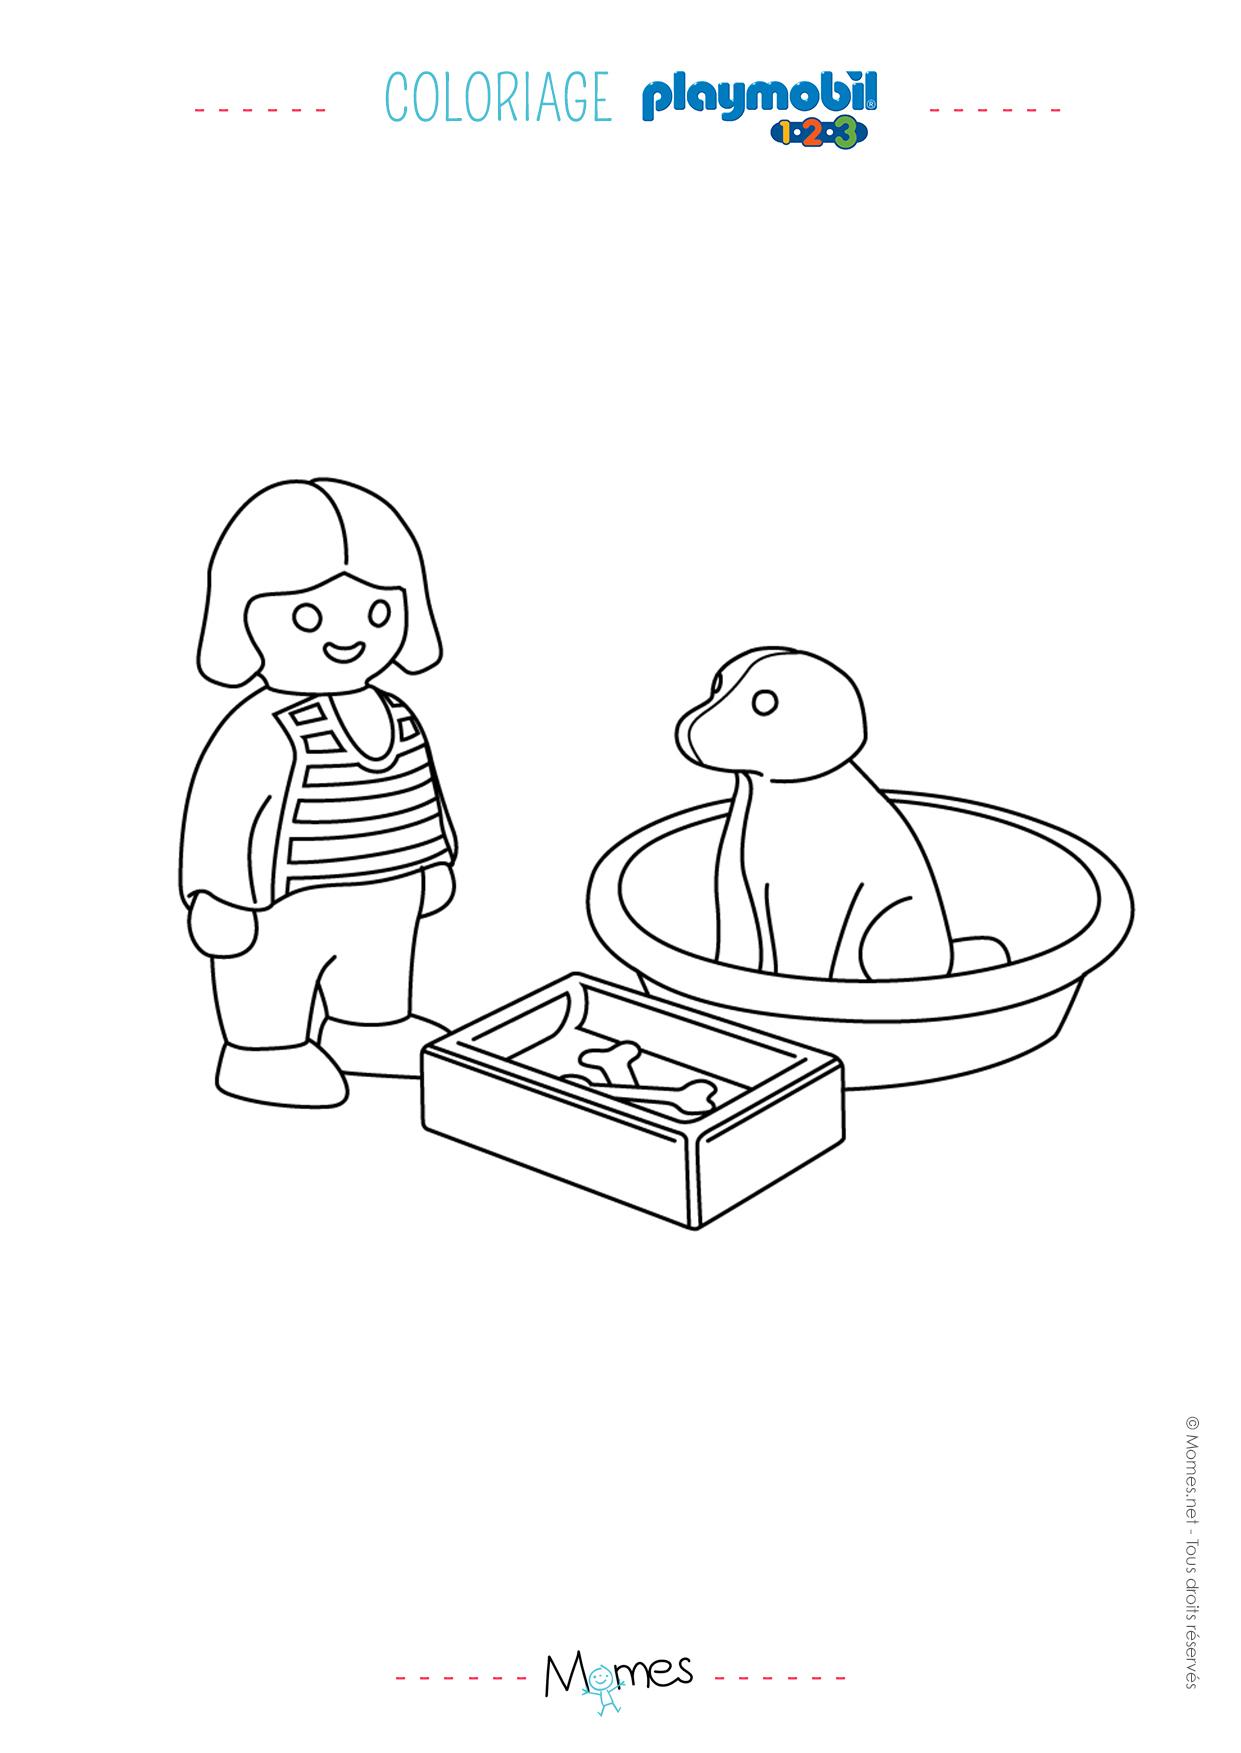 Coloriage La Petite Fille Et Son Chien Playmobil 123 Momes Net